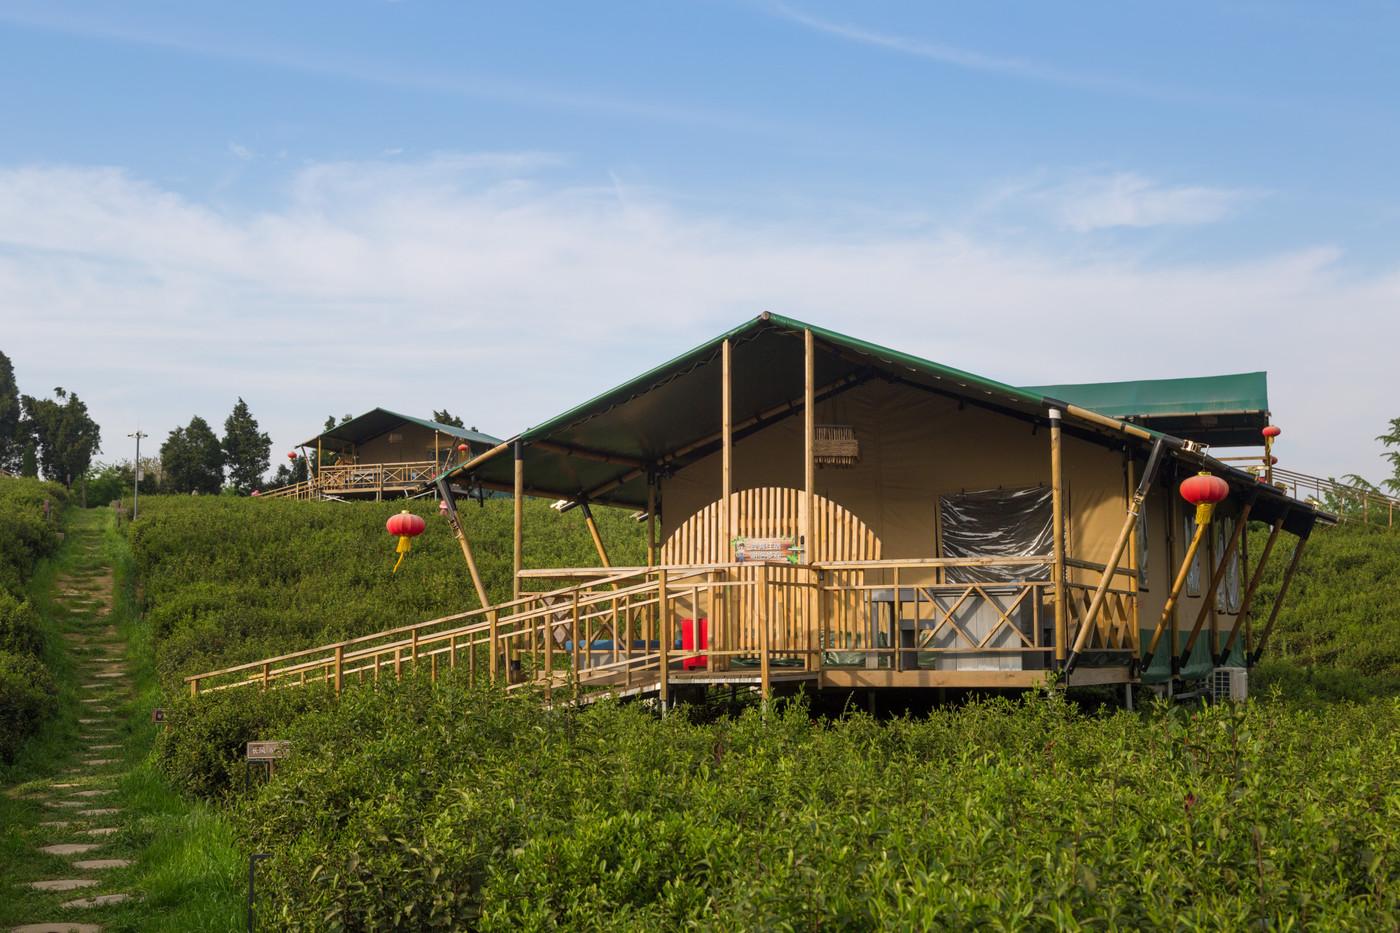 喜马拉雅野奢帐篷酒店—江苏常州茅山宝盛园2期茶田帐篷酒店12